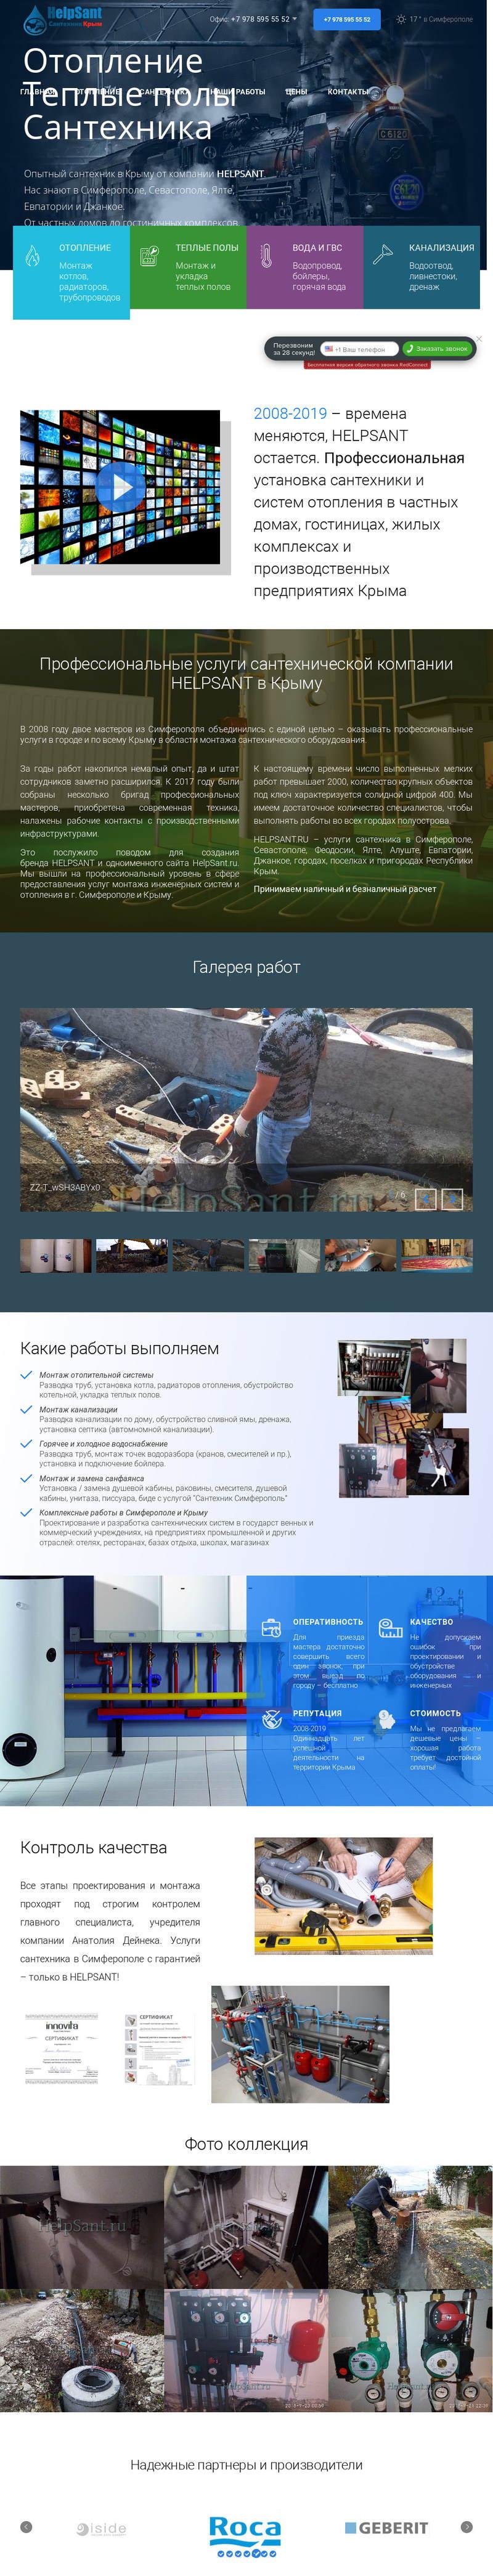 Цены на создание сайтов по сантехнике и ремонту в Крыму